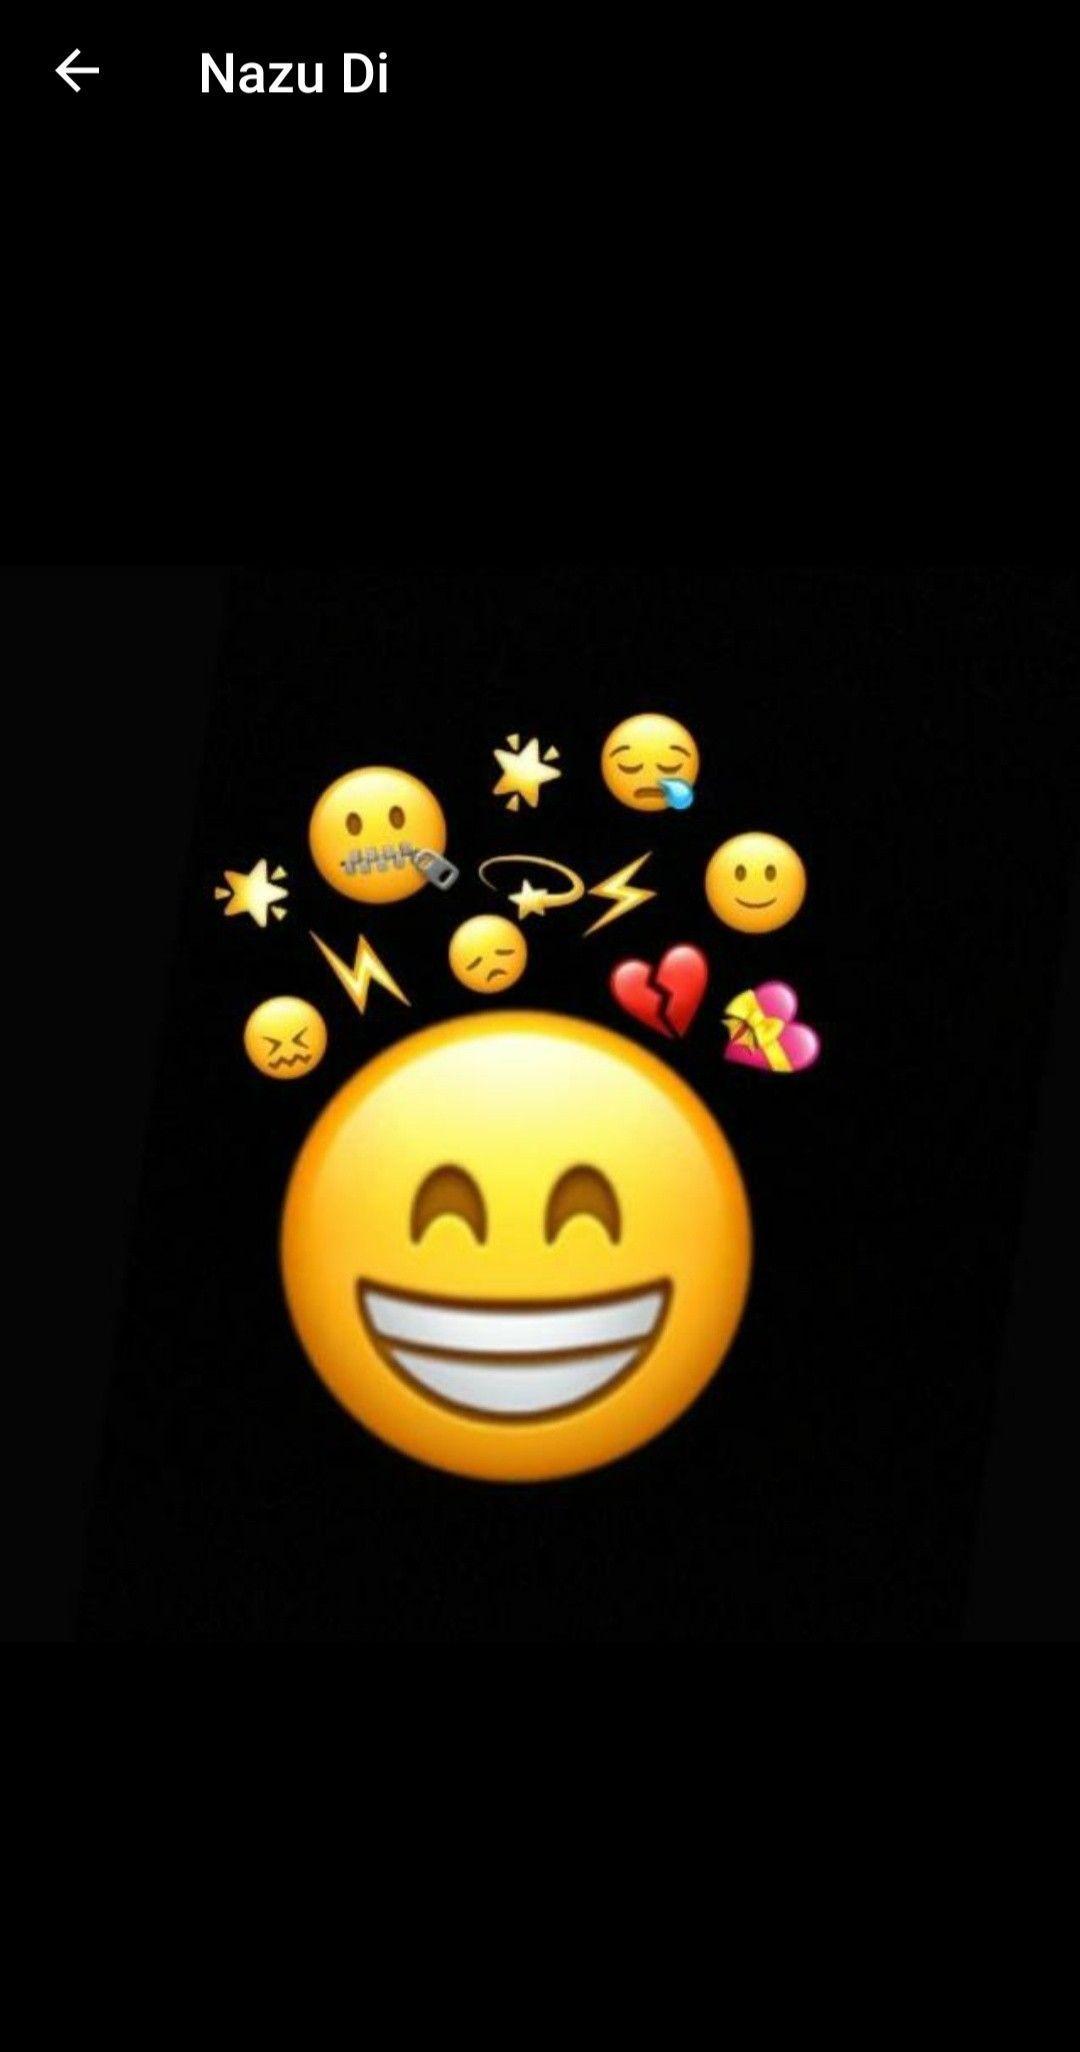 50 Best Black Written Wallpapers Cute Emoji Wallpaper Emoji Wallpaper Emoji Wallpaper Iphone